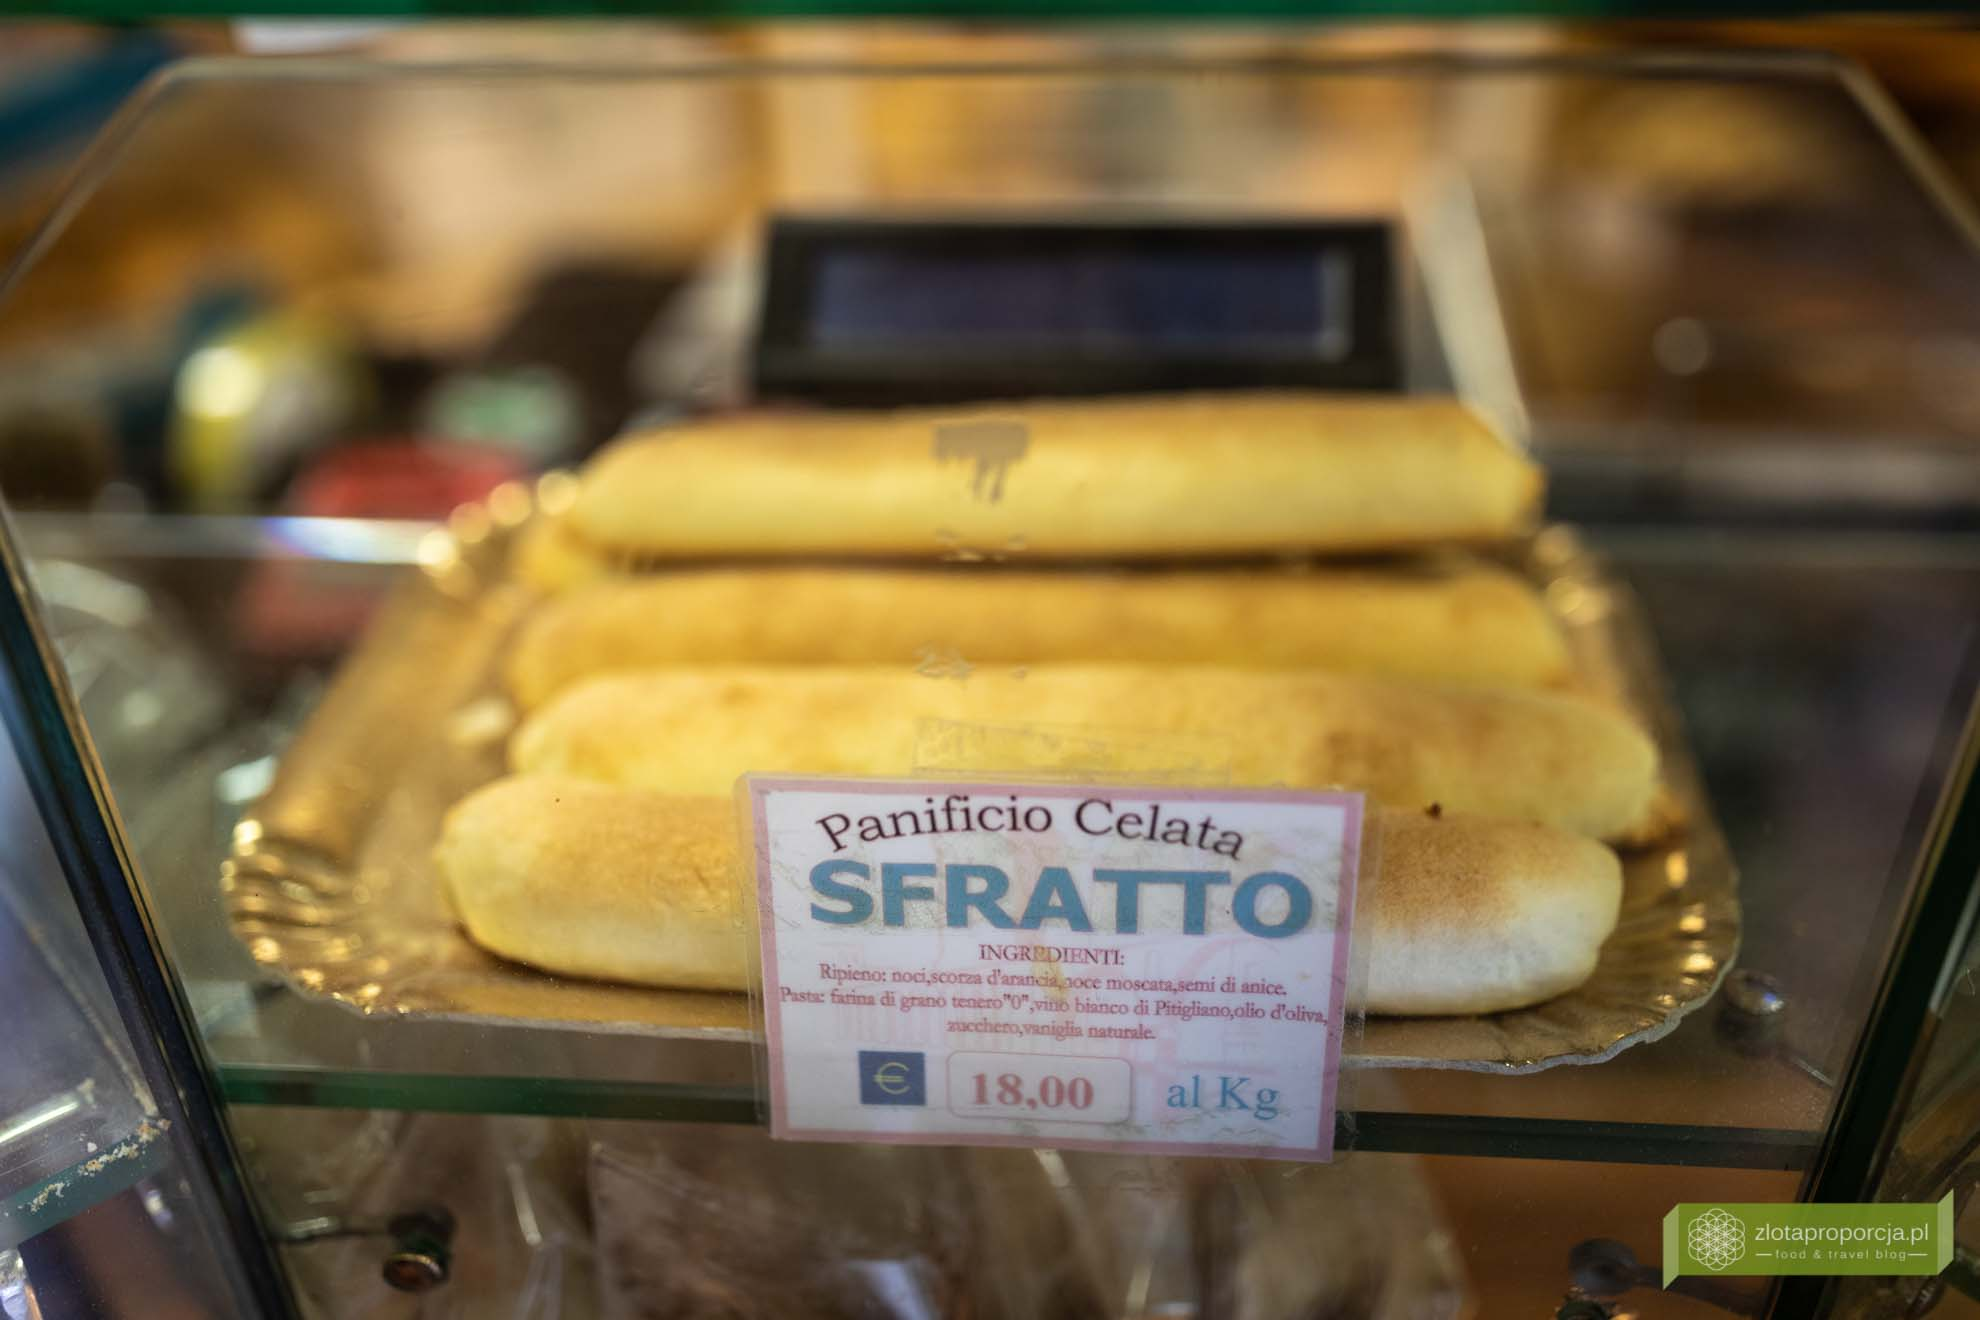 sfratto; ciastko z winem; ciastko z Bianco di Pitigliano